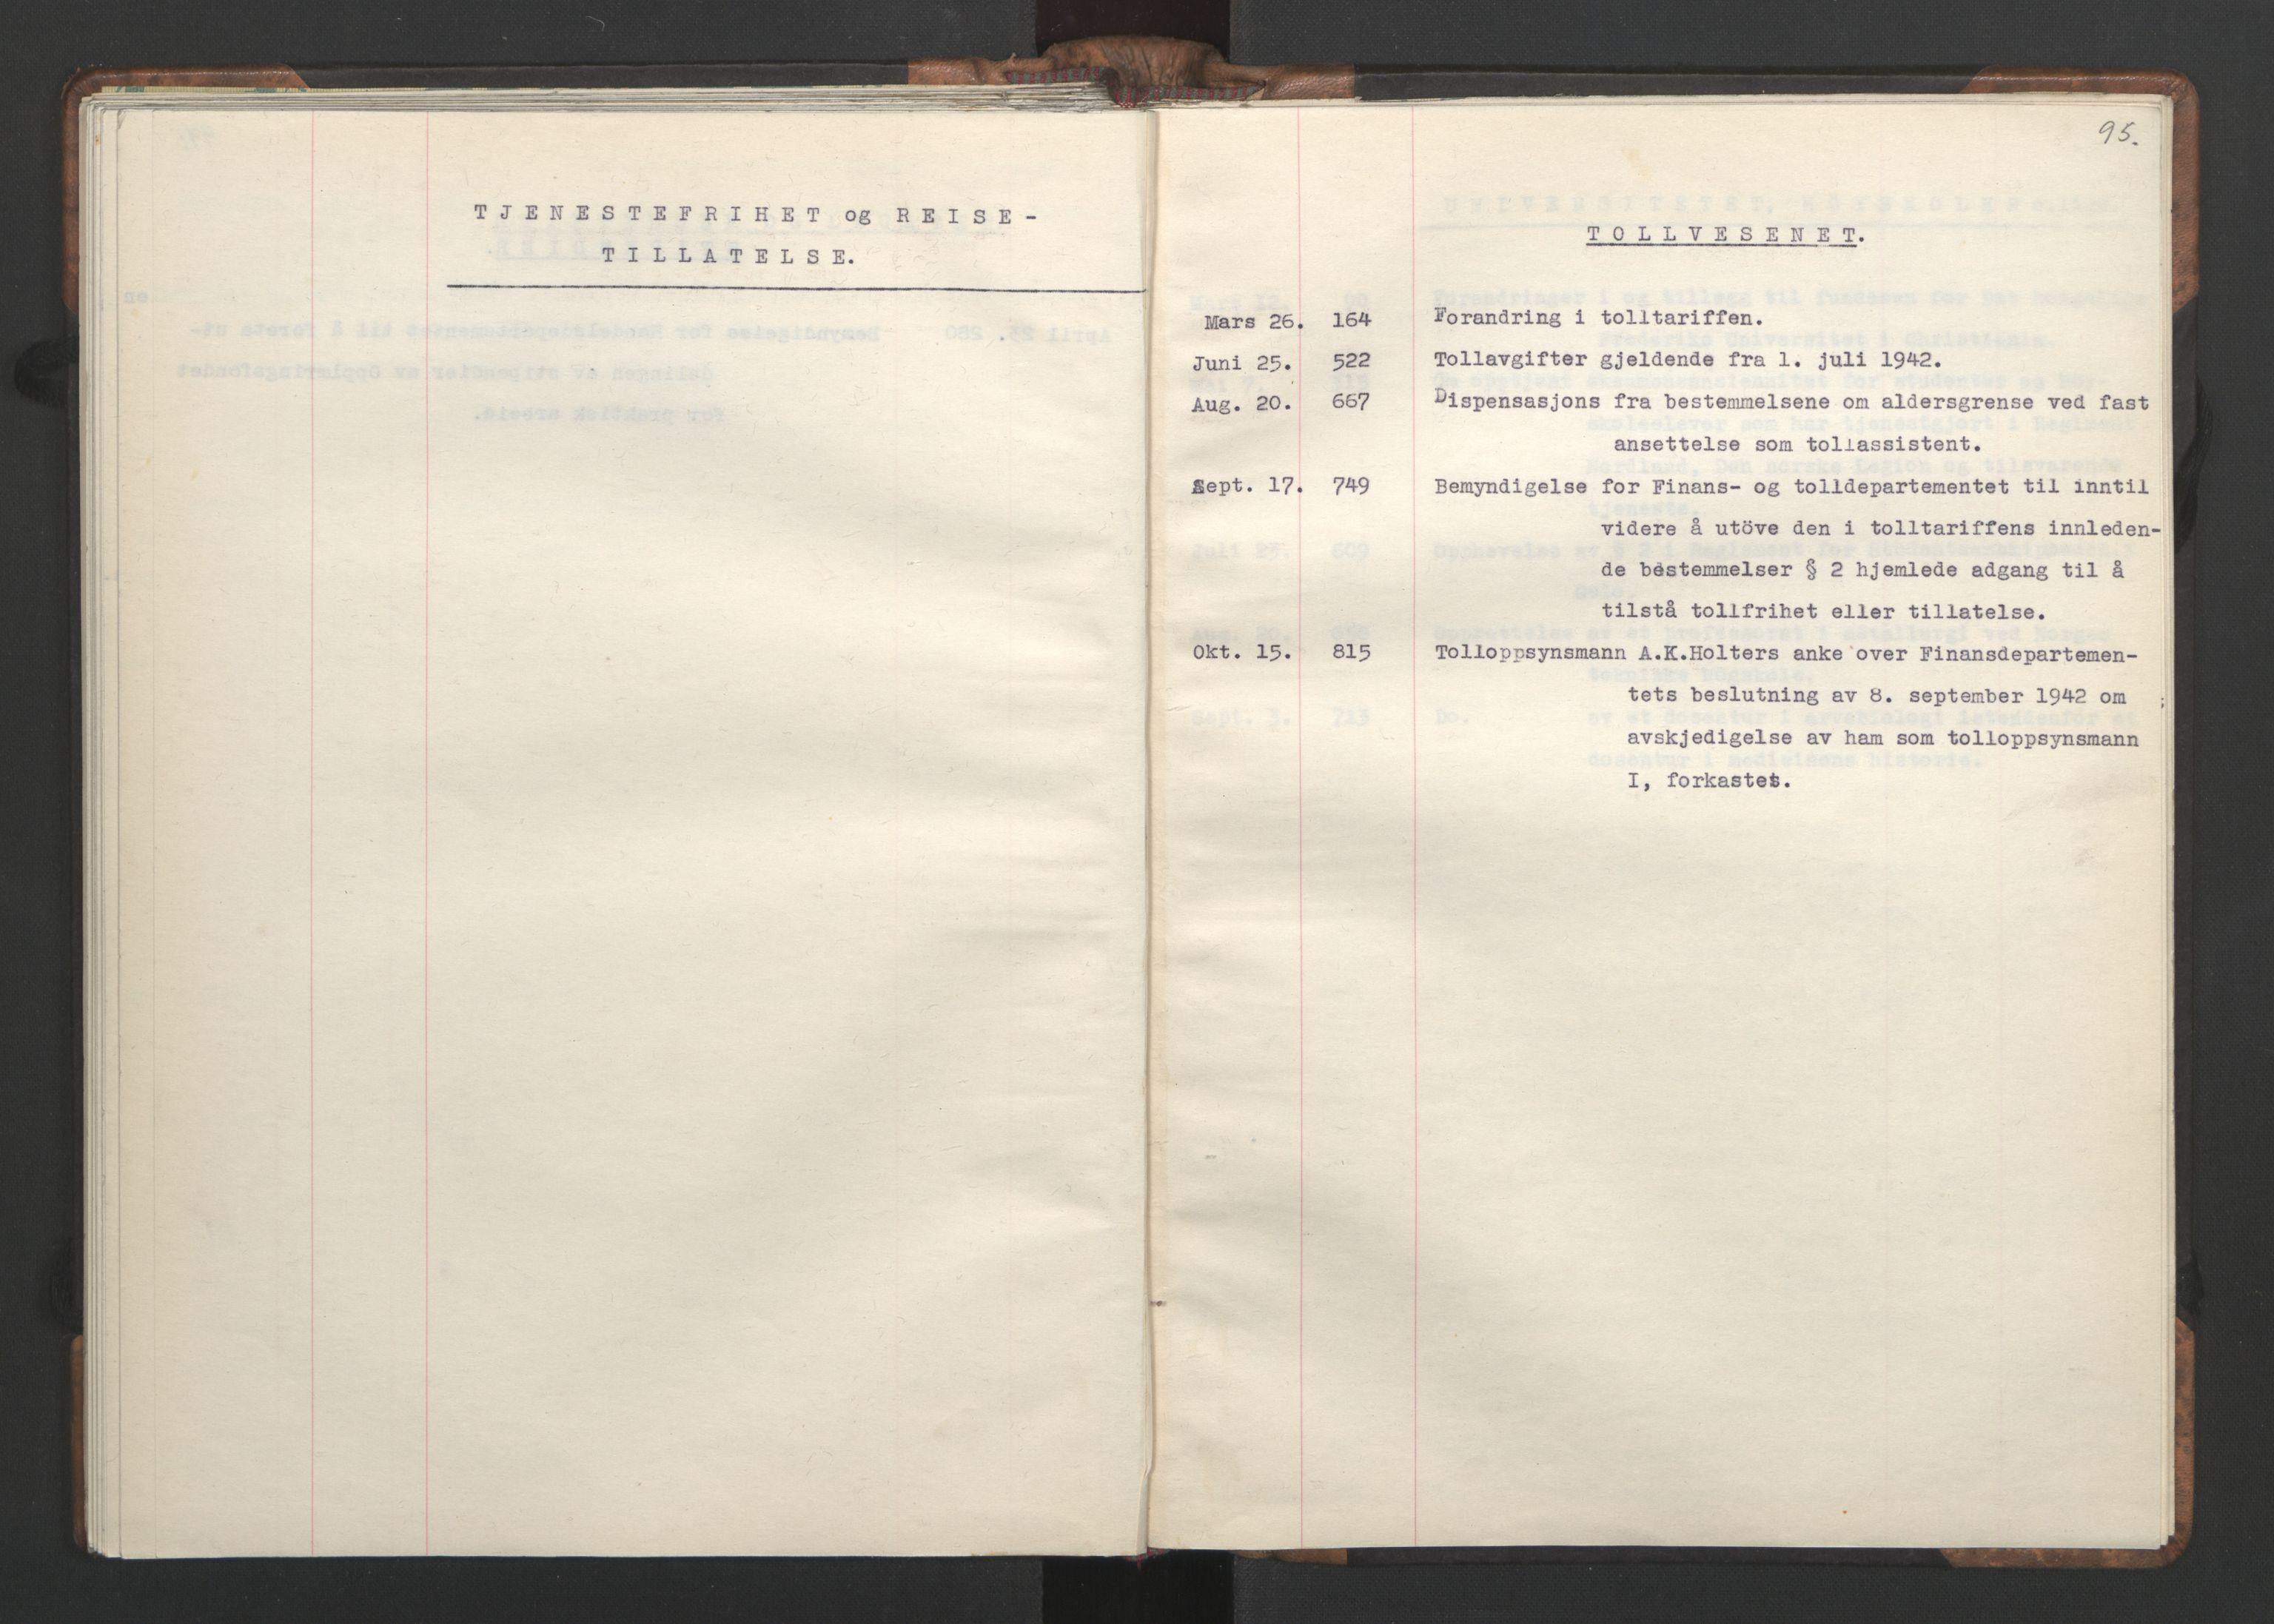 RA, NS-administrasjonen 1940-1945 (Statsrådsekretariatet, de kommisariske statsråder mm), D/Da/L0002: Register (RA j.nr. 985/1943, tilgangsnr. 17/1943), 1942, s. 94b-95a